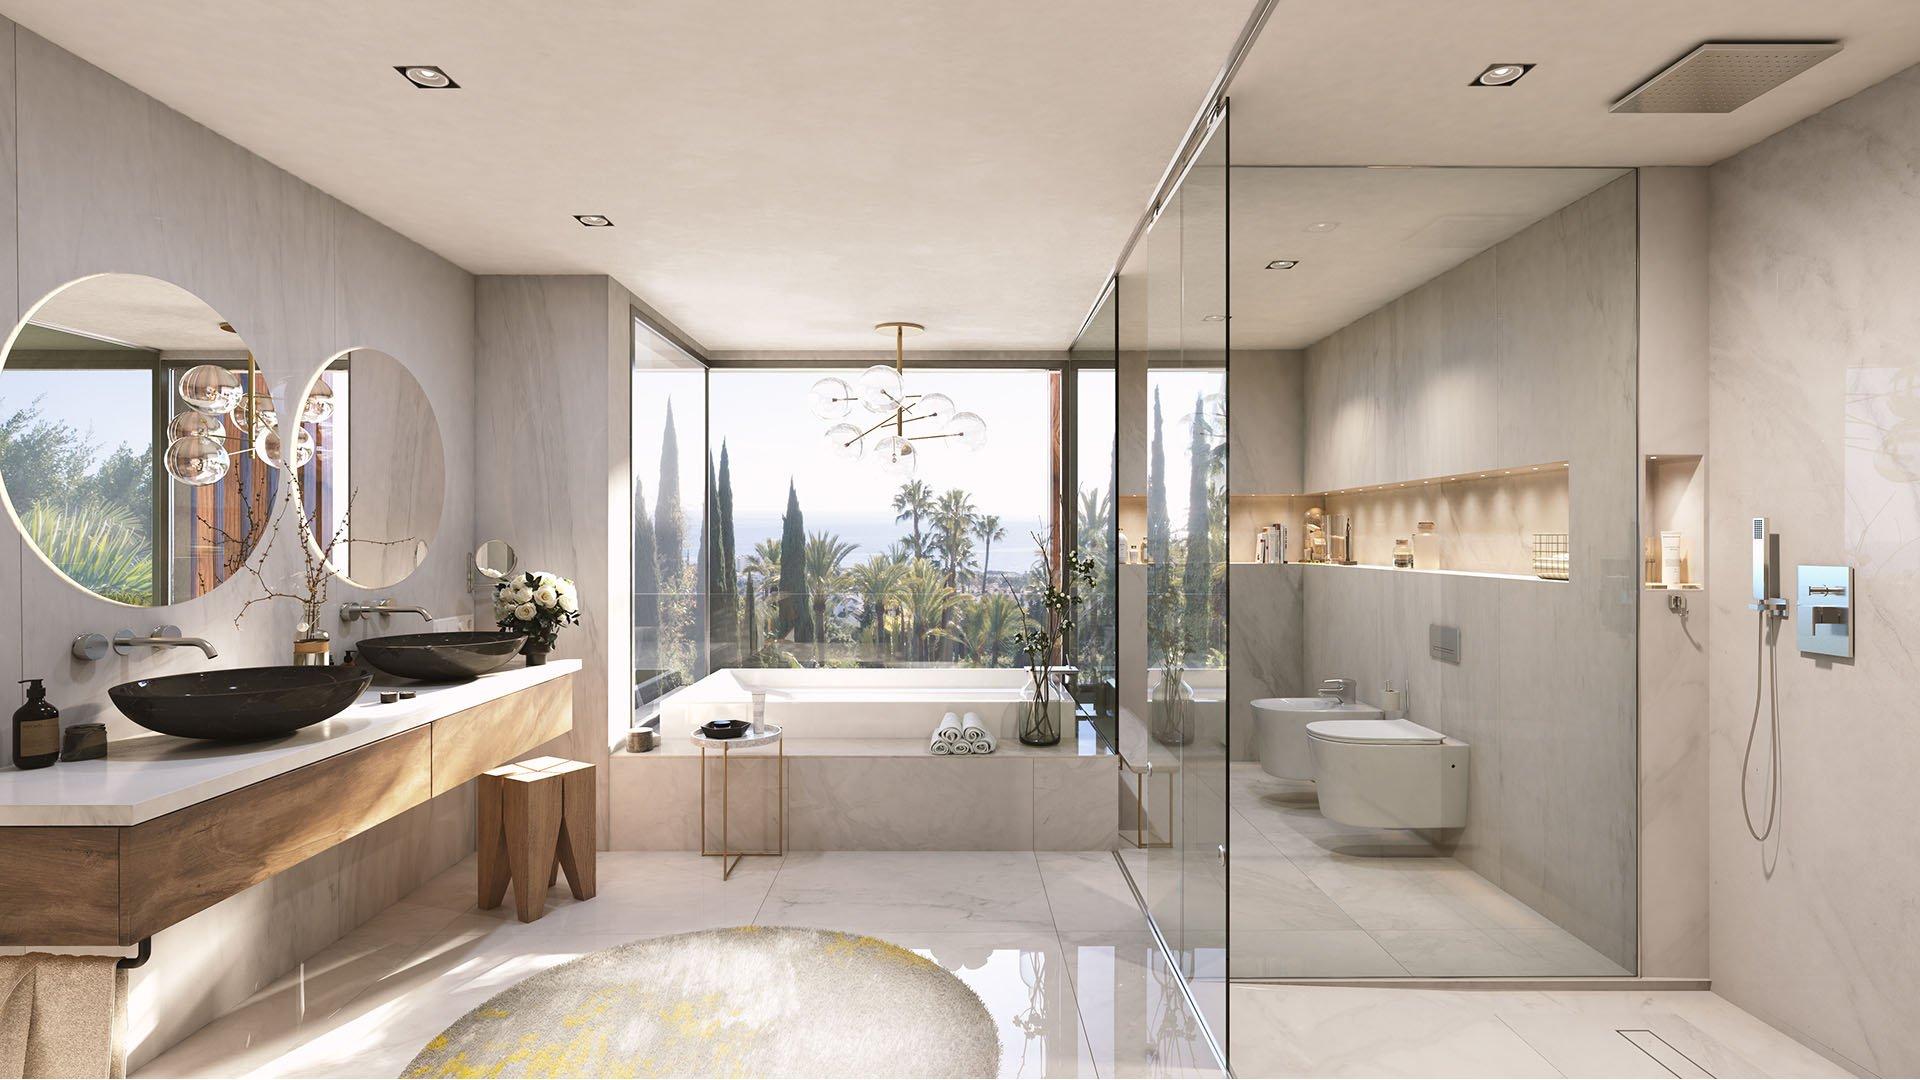 Le Blanc: Luxury villas in Marbella